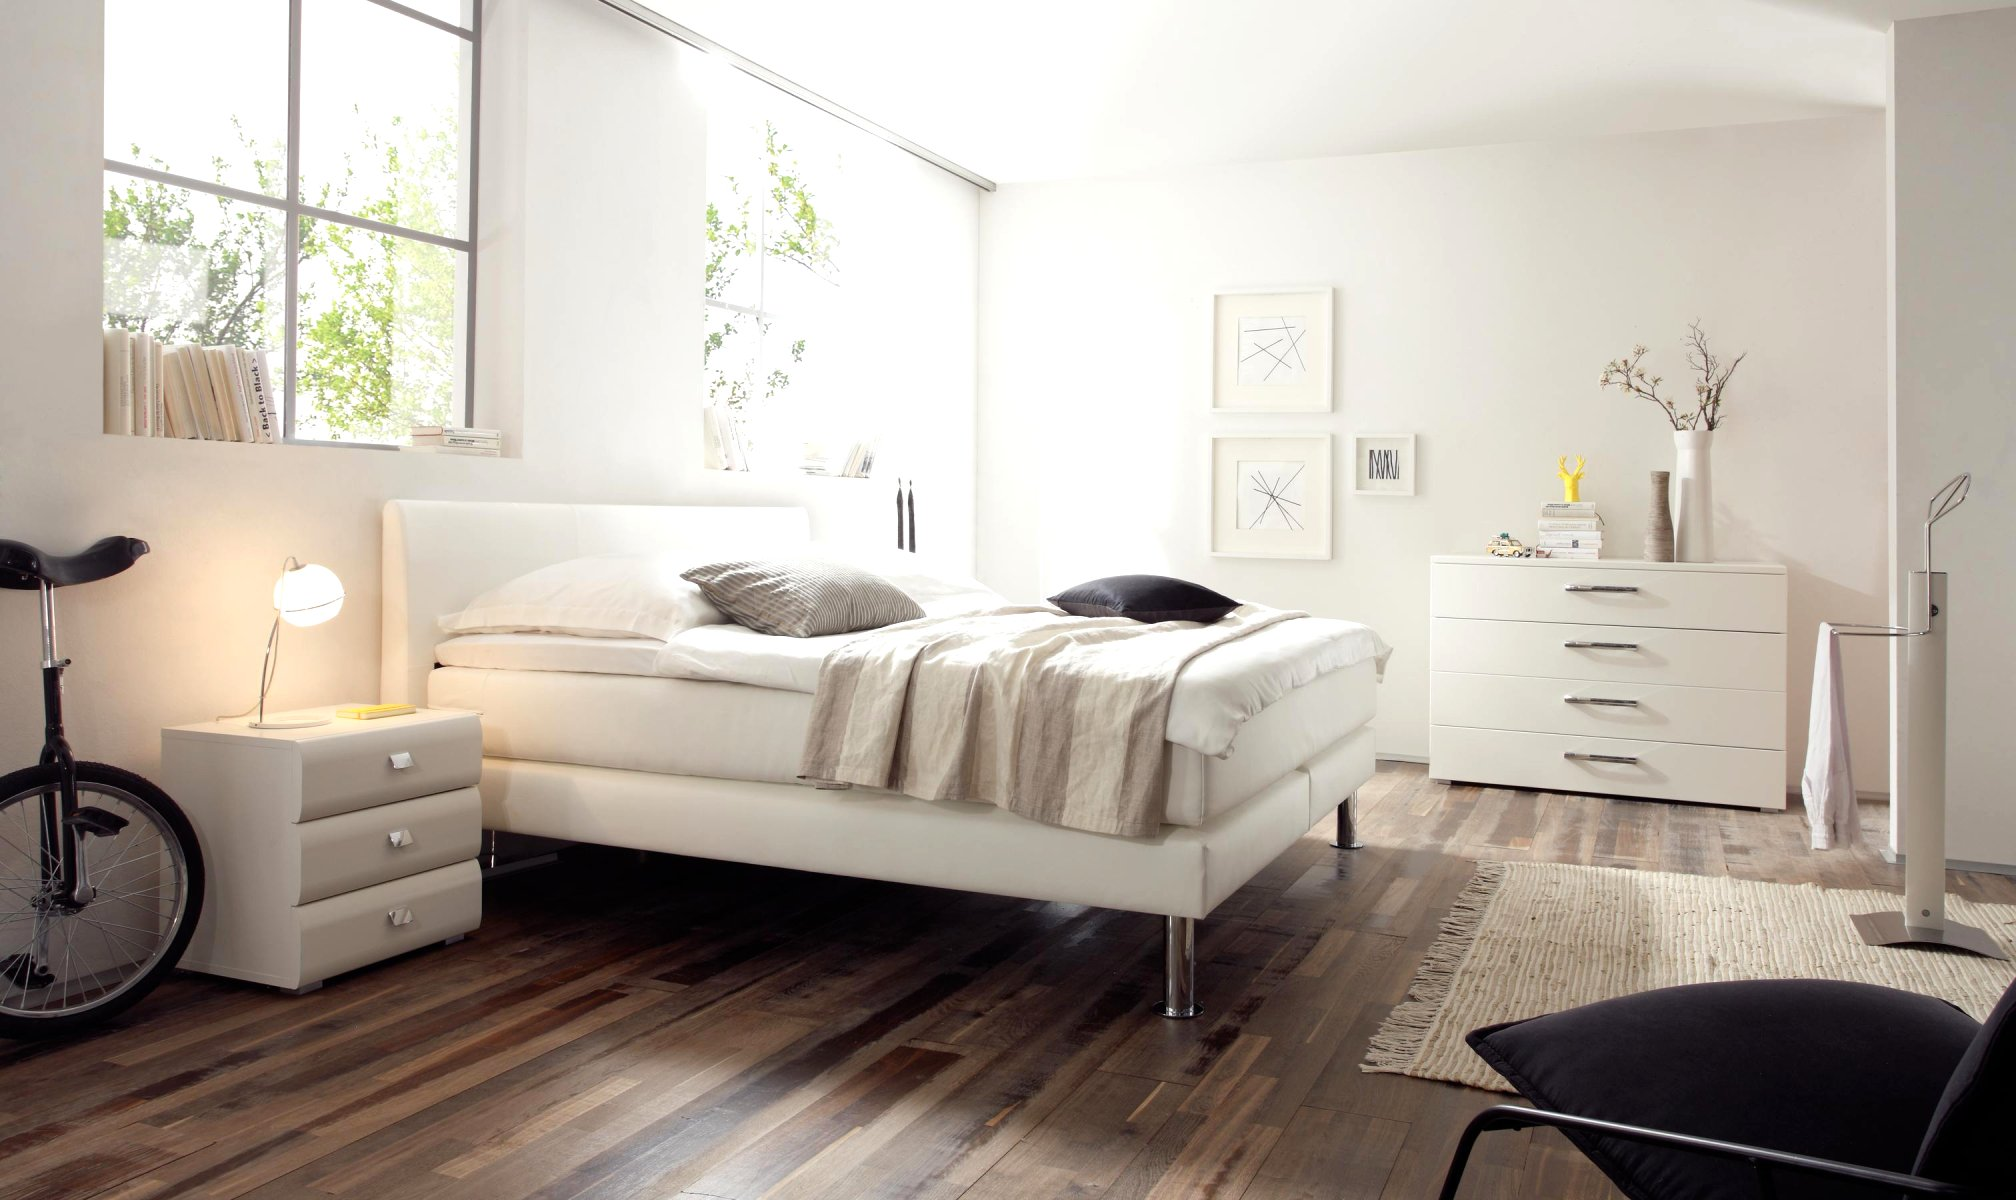 boxspringbett modern dogra leed wasserbettmatratzen und gelmatratzen. Black Bedroom Furniture Sets. Home Design Ideas